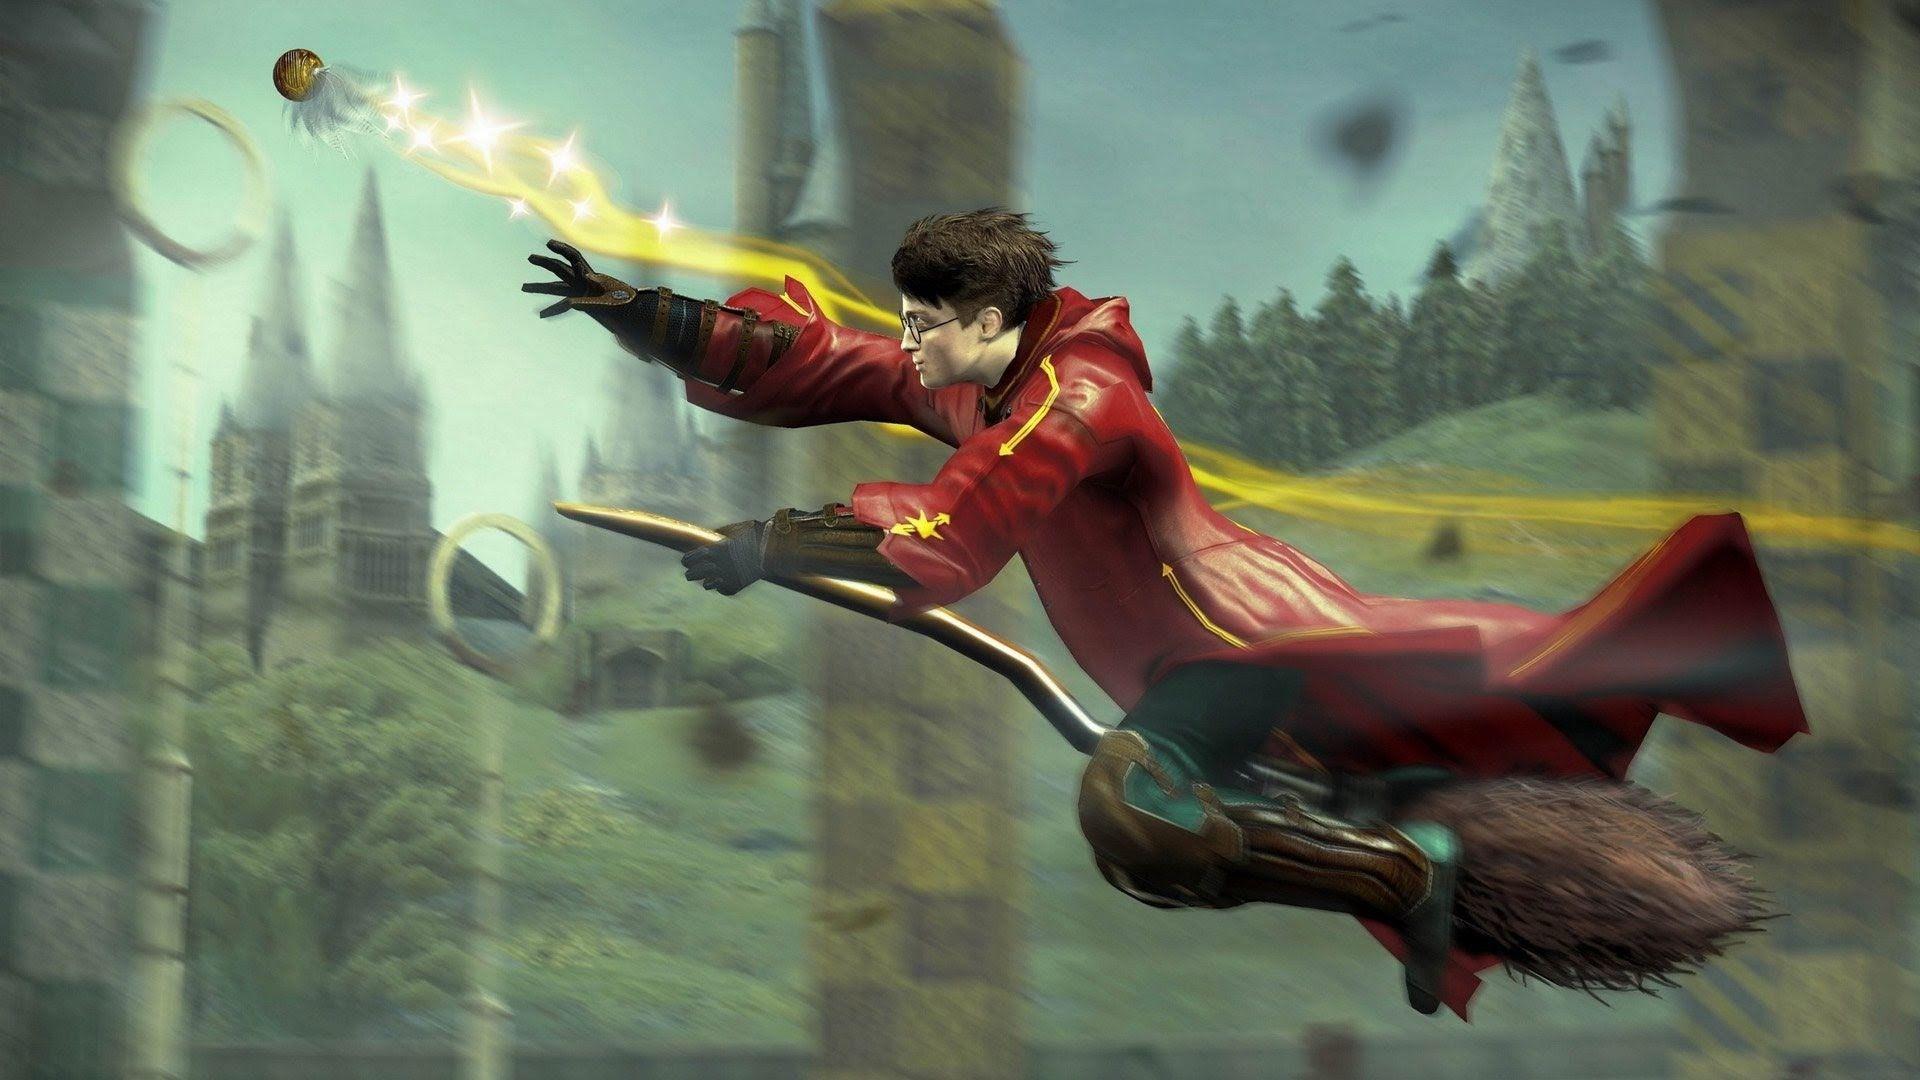 Pin By Jana Gursch On Harry Potter Harry Potter Images Harry Potter Quidditch Harry Potter Fan Art